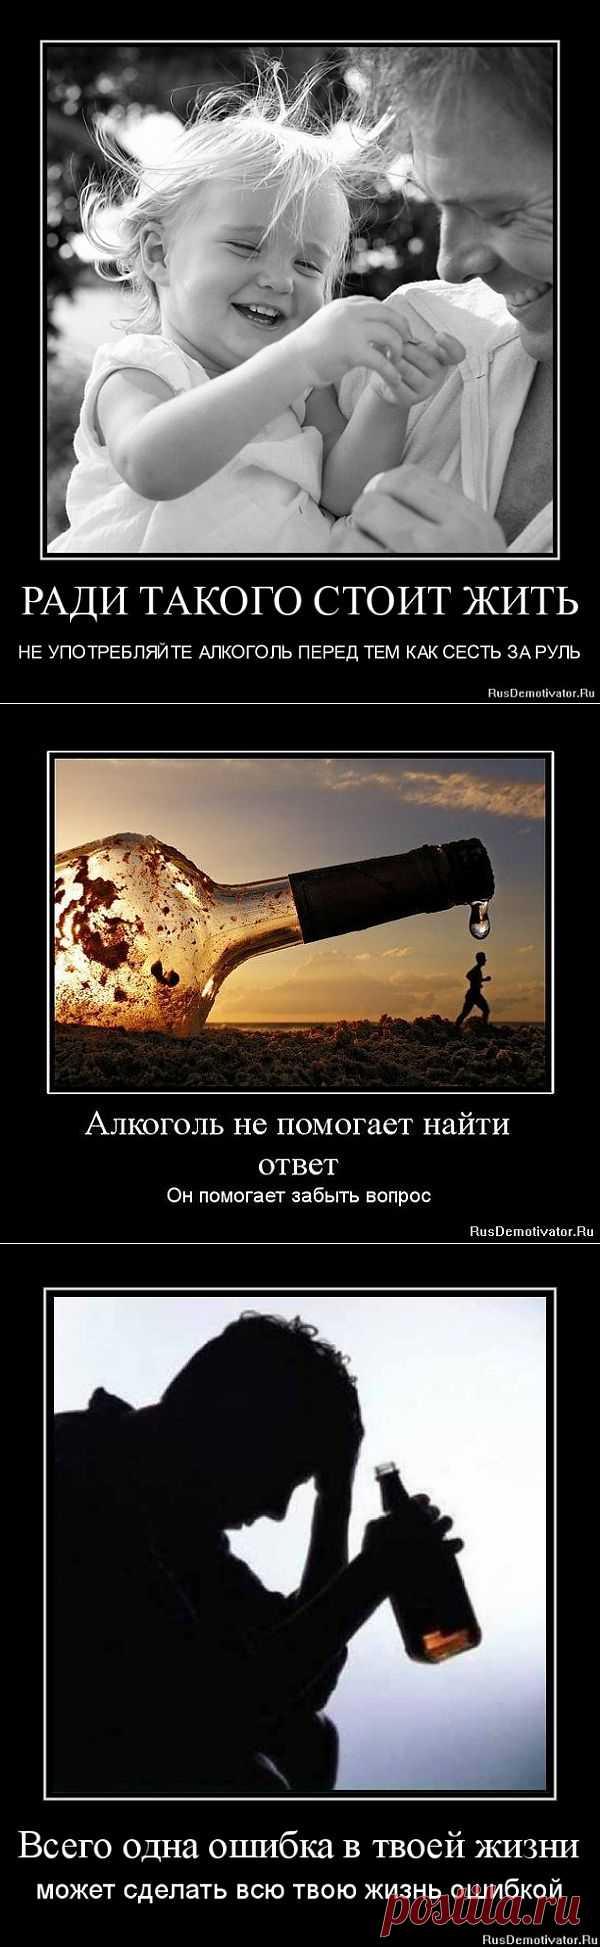 Алкоголь не помогает найти ответ - он помогает забыть вопрос. Демотиваторы против алкоголя.